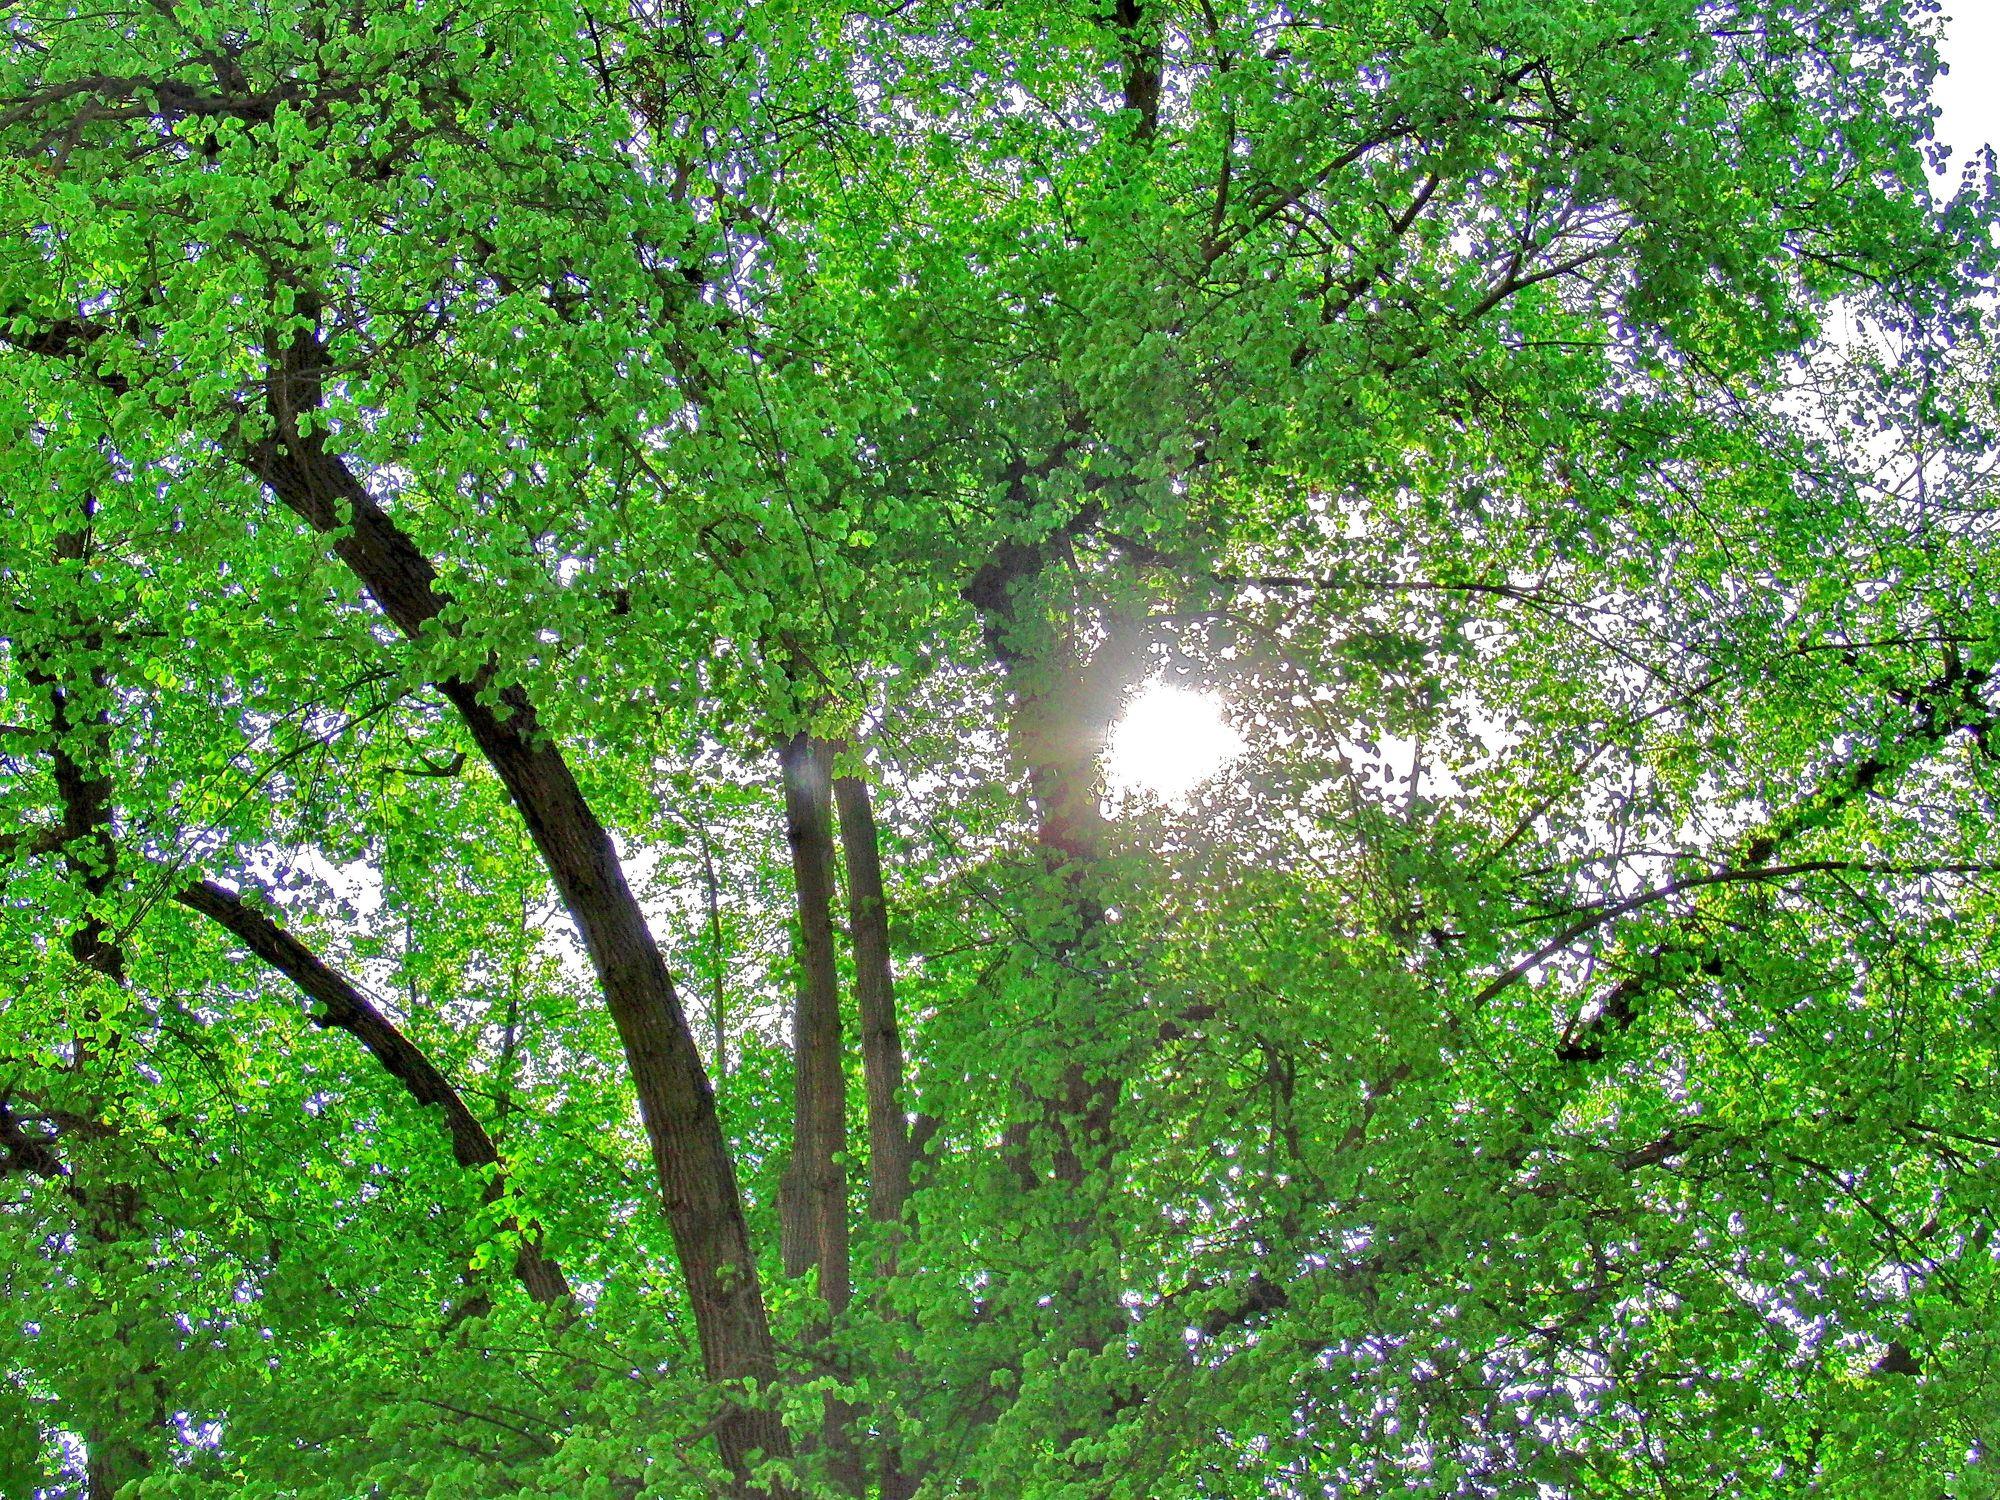 Bild mit Farben, Natur, Grün, Pflanzen, Gräser, Landschaften, Bäume, Jahreszeiten, Wälder, Frühling, Herbst, Wald, Lichtung, Baum, Baumkone